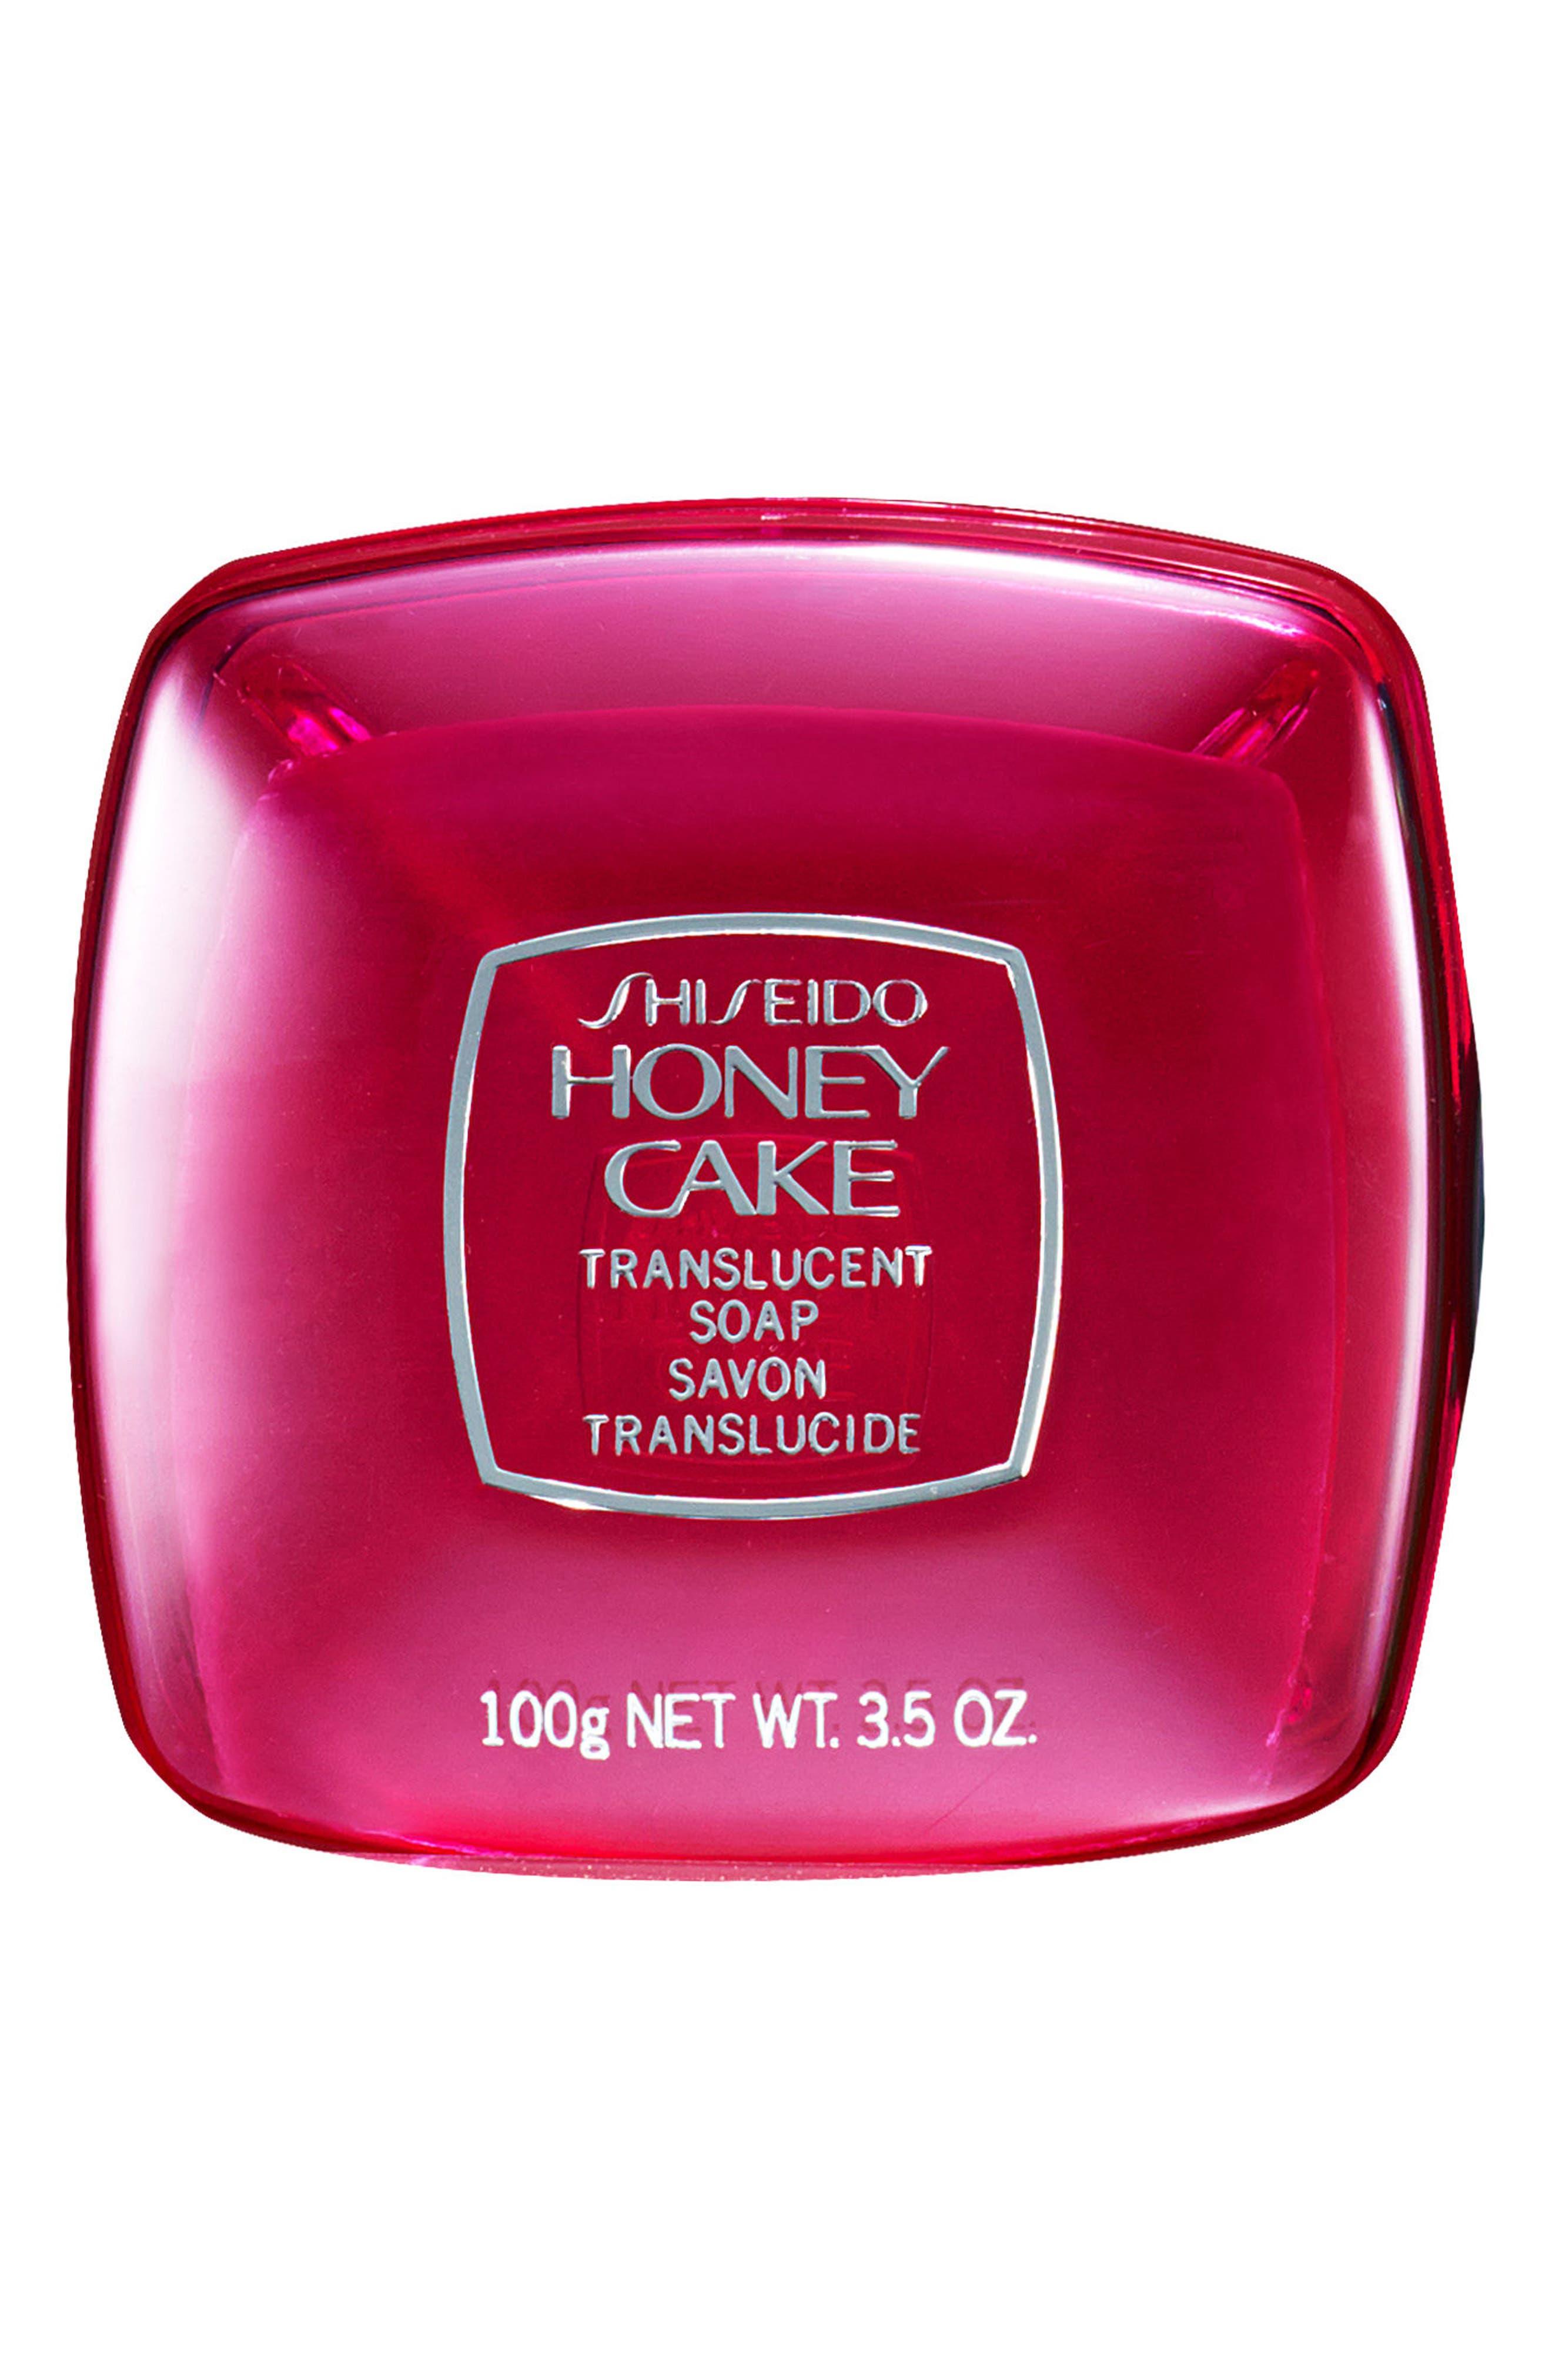 Shiseido 'Honey Cake' Translucent Soap (Limited Edition)